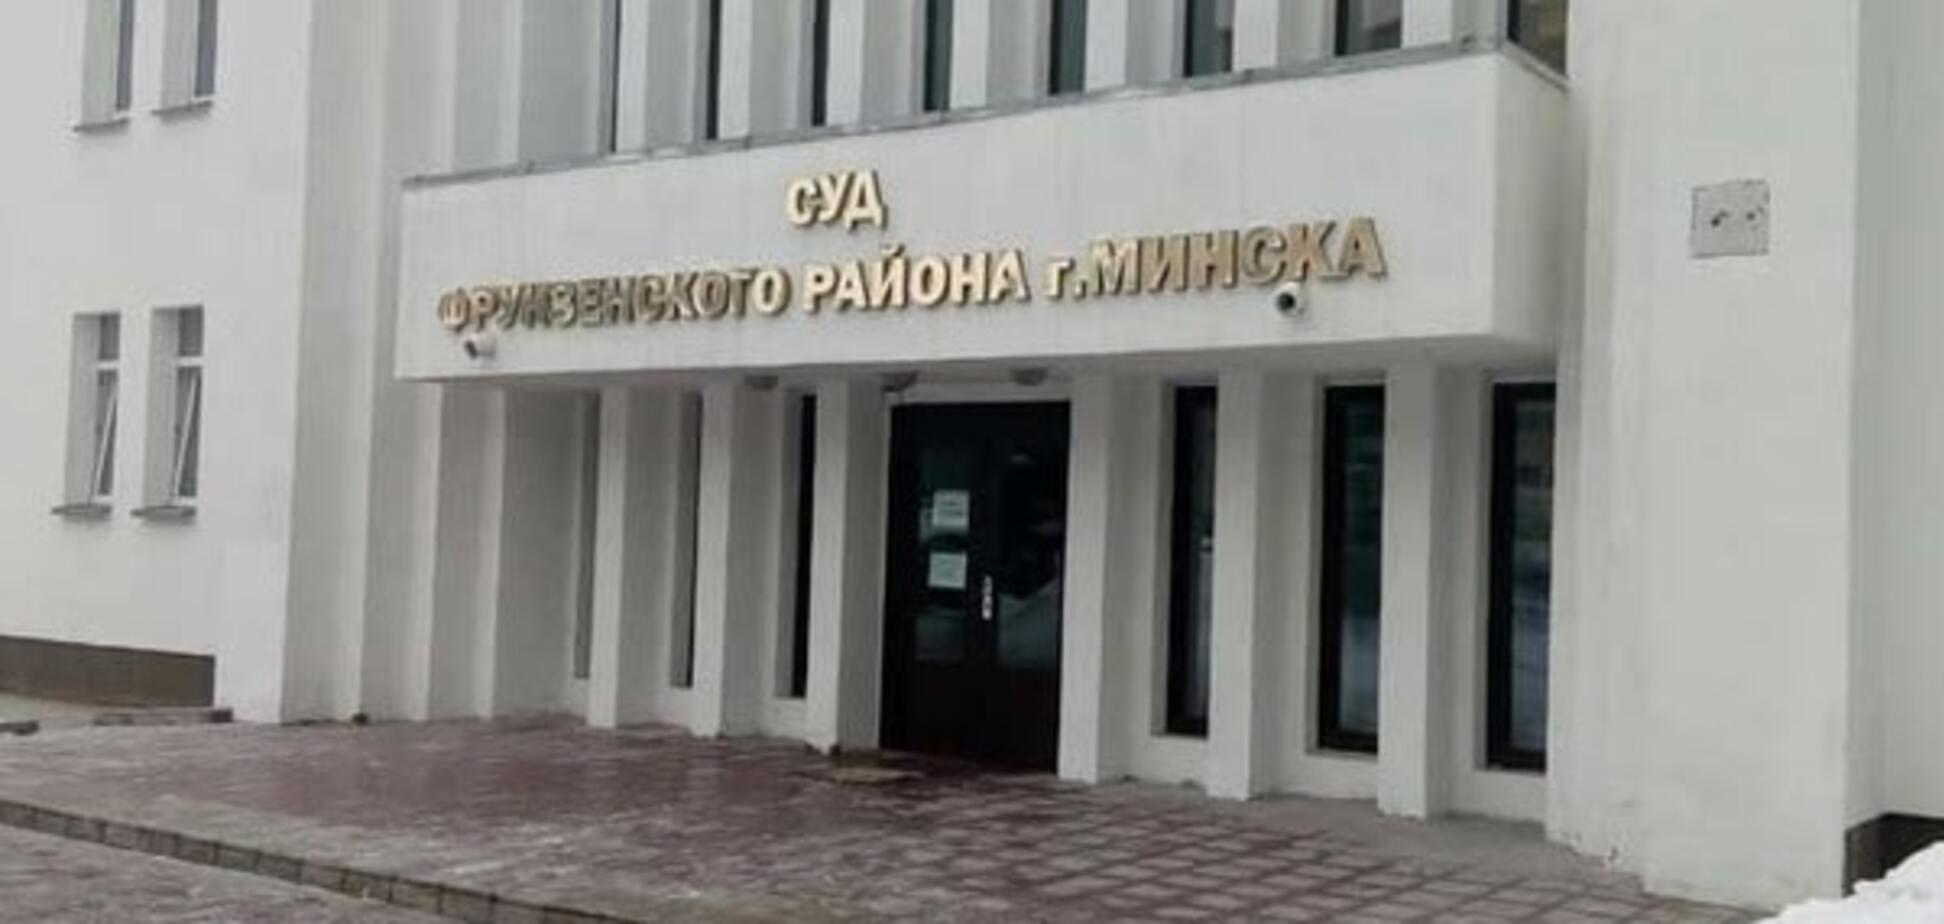 Визнано найманцем: у Білорусі судитимуть бійця АТО